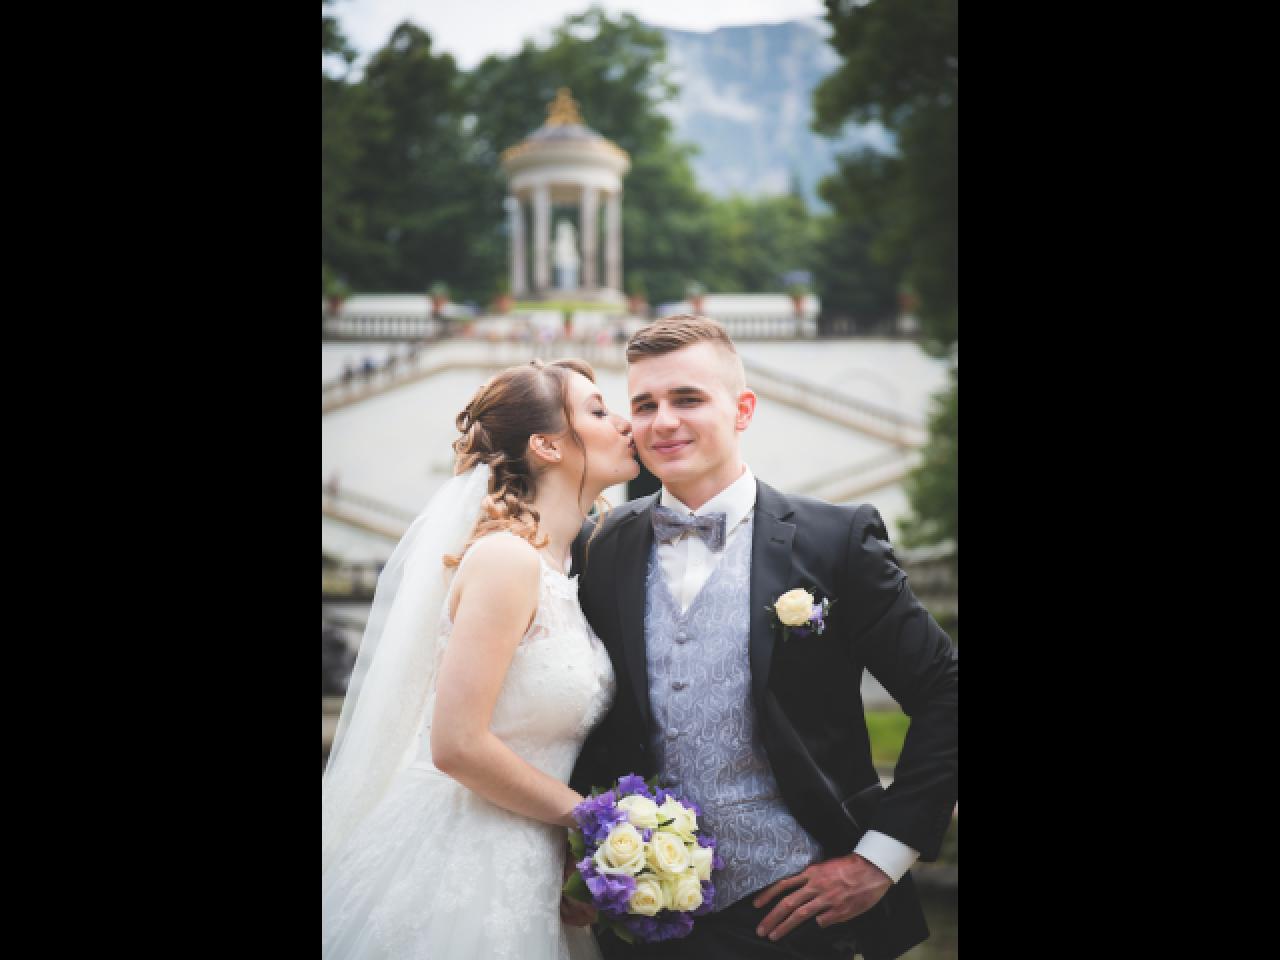 Свадебная фотография: красиво. Качественно. Недорого - 4